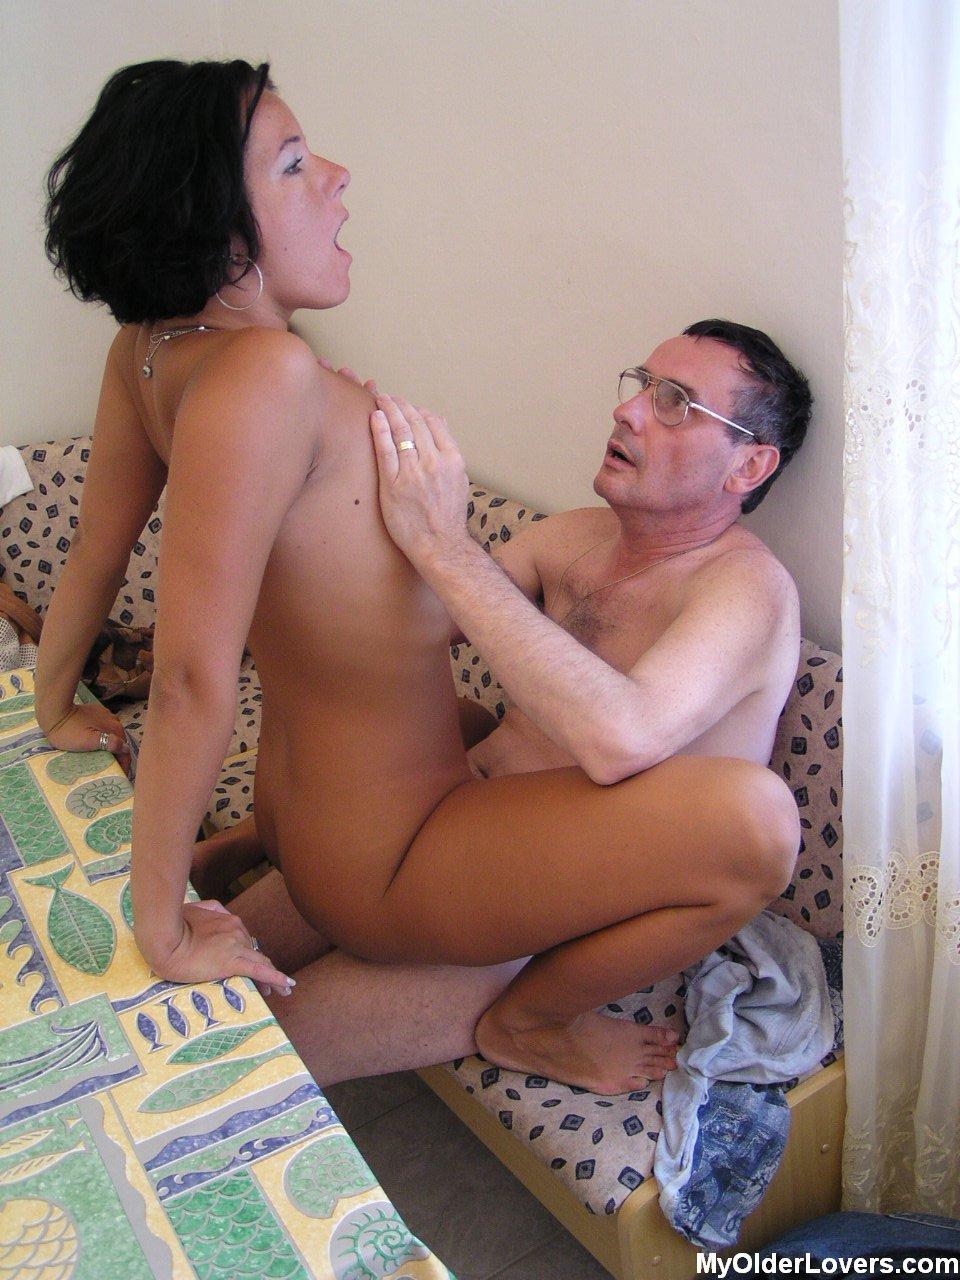 Xxx3d oldmen fakin girls nude movie